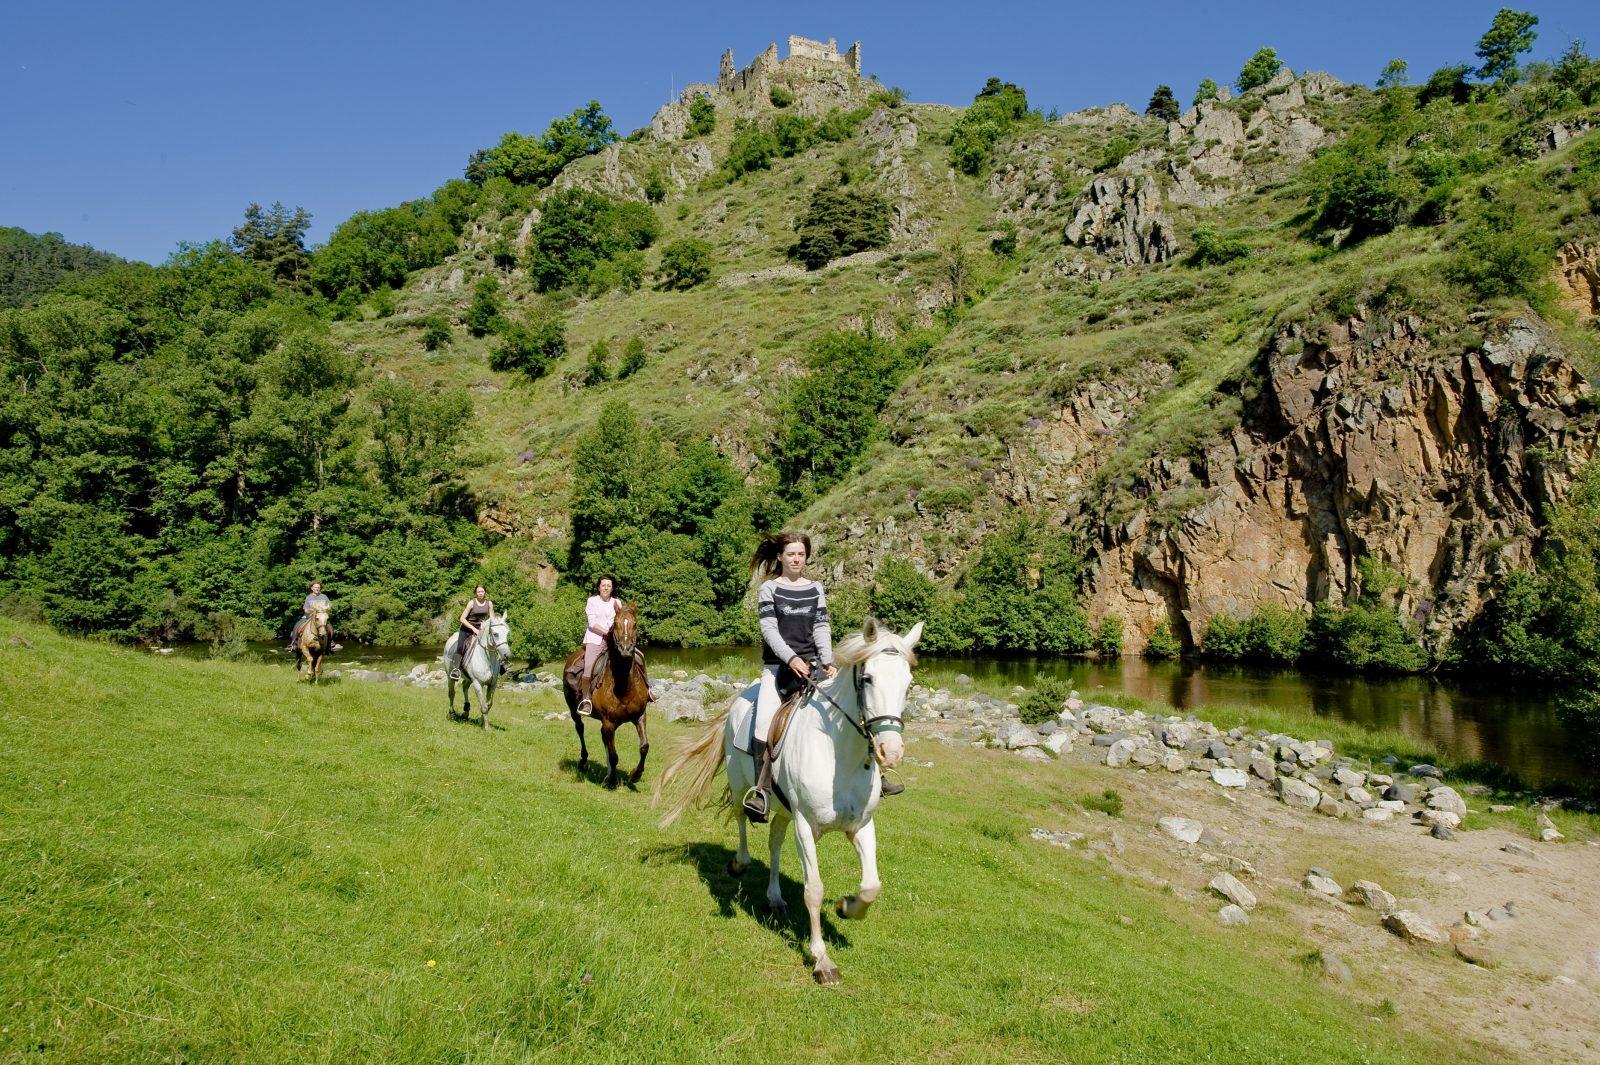 SEJ_Séjour Trappeur: Pêche À Cheval au Fil de la Loire Sauvage_balade à cheval en bord de Loire